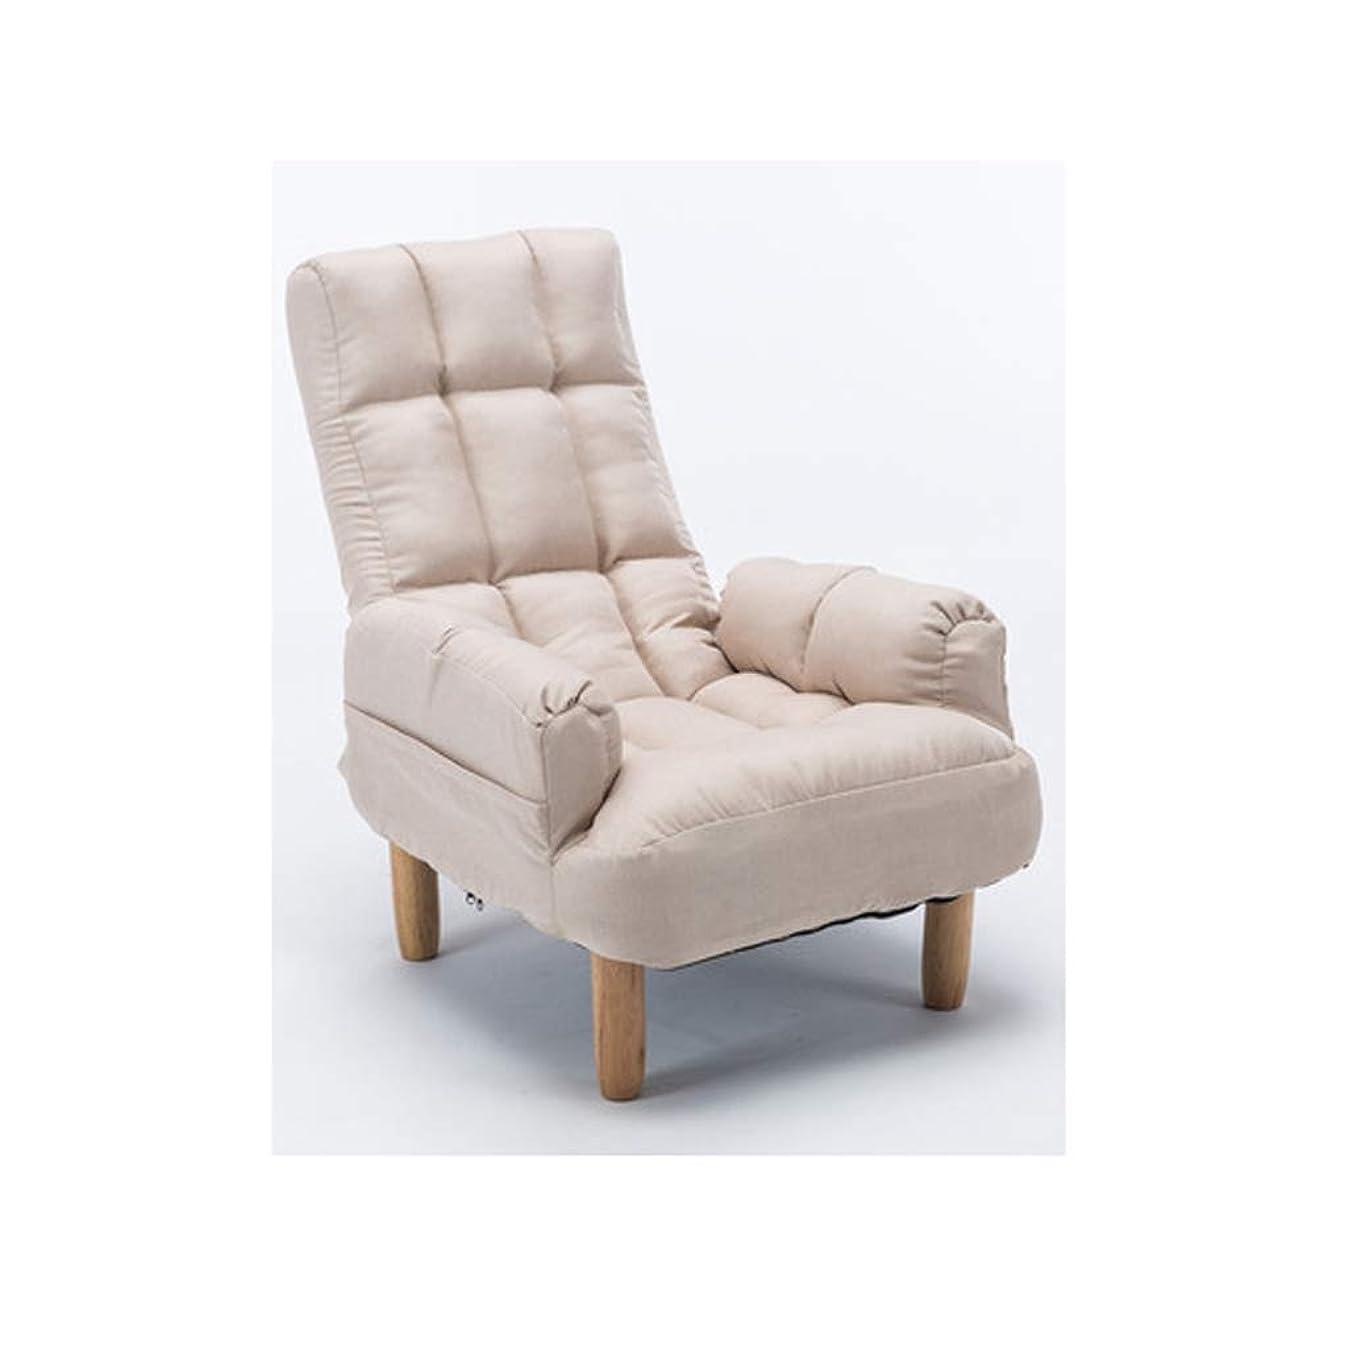 ホットスライスターミナルLWT チェア 怠惰なソファの椅子快適な折り畳み式のリクライナーシングルファブリックソファ (Color : White)